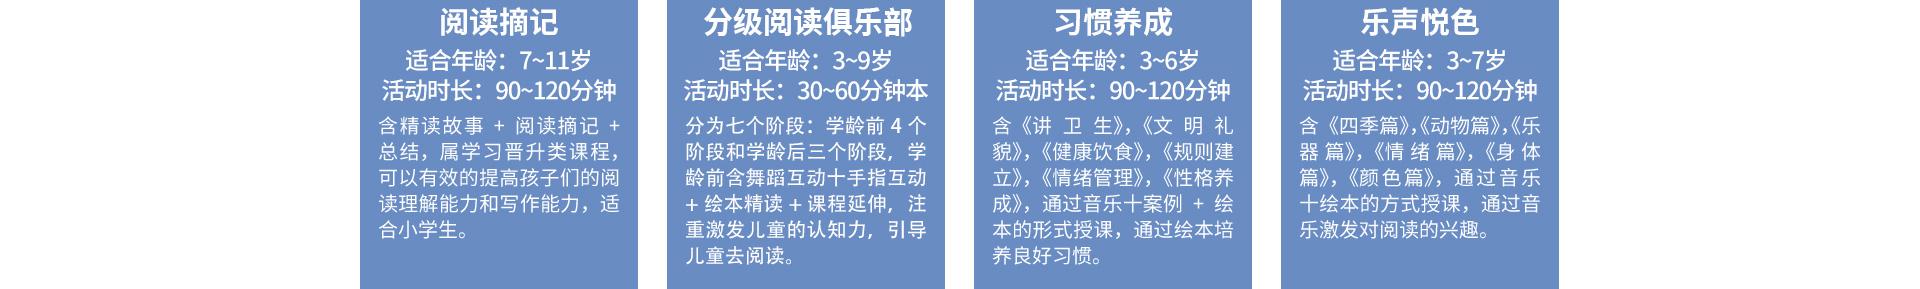 快乐书童阅读馆PC-快乐书童-许小琥_13